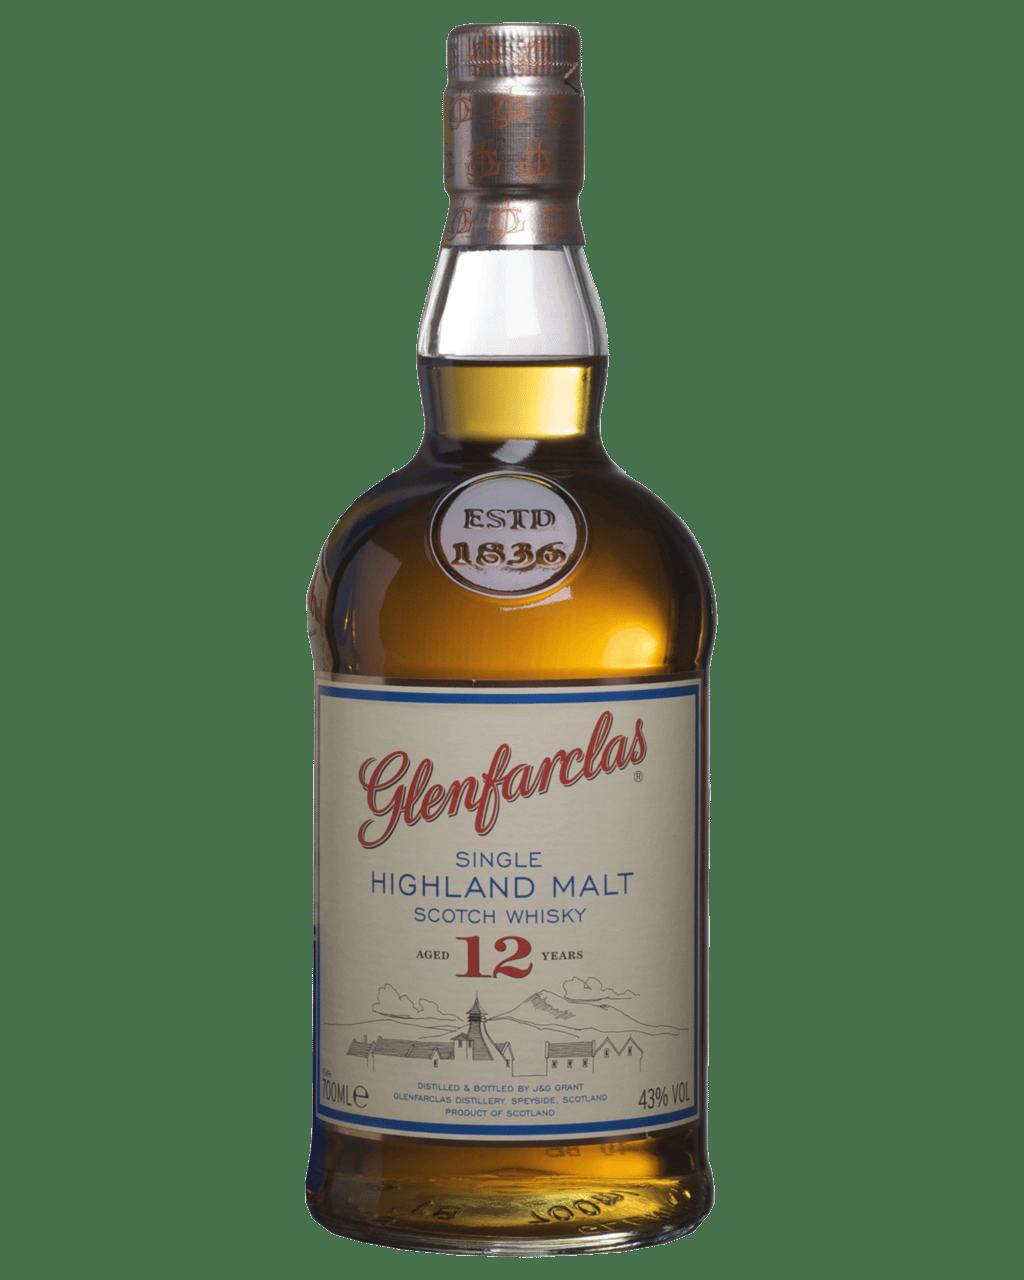 908d6bb74a1 Glenfarclas 12 Year Old Scotch Whisky 700mL